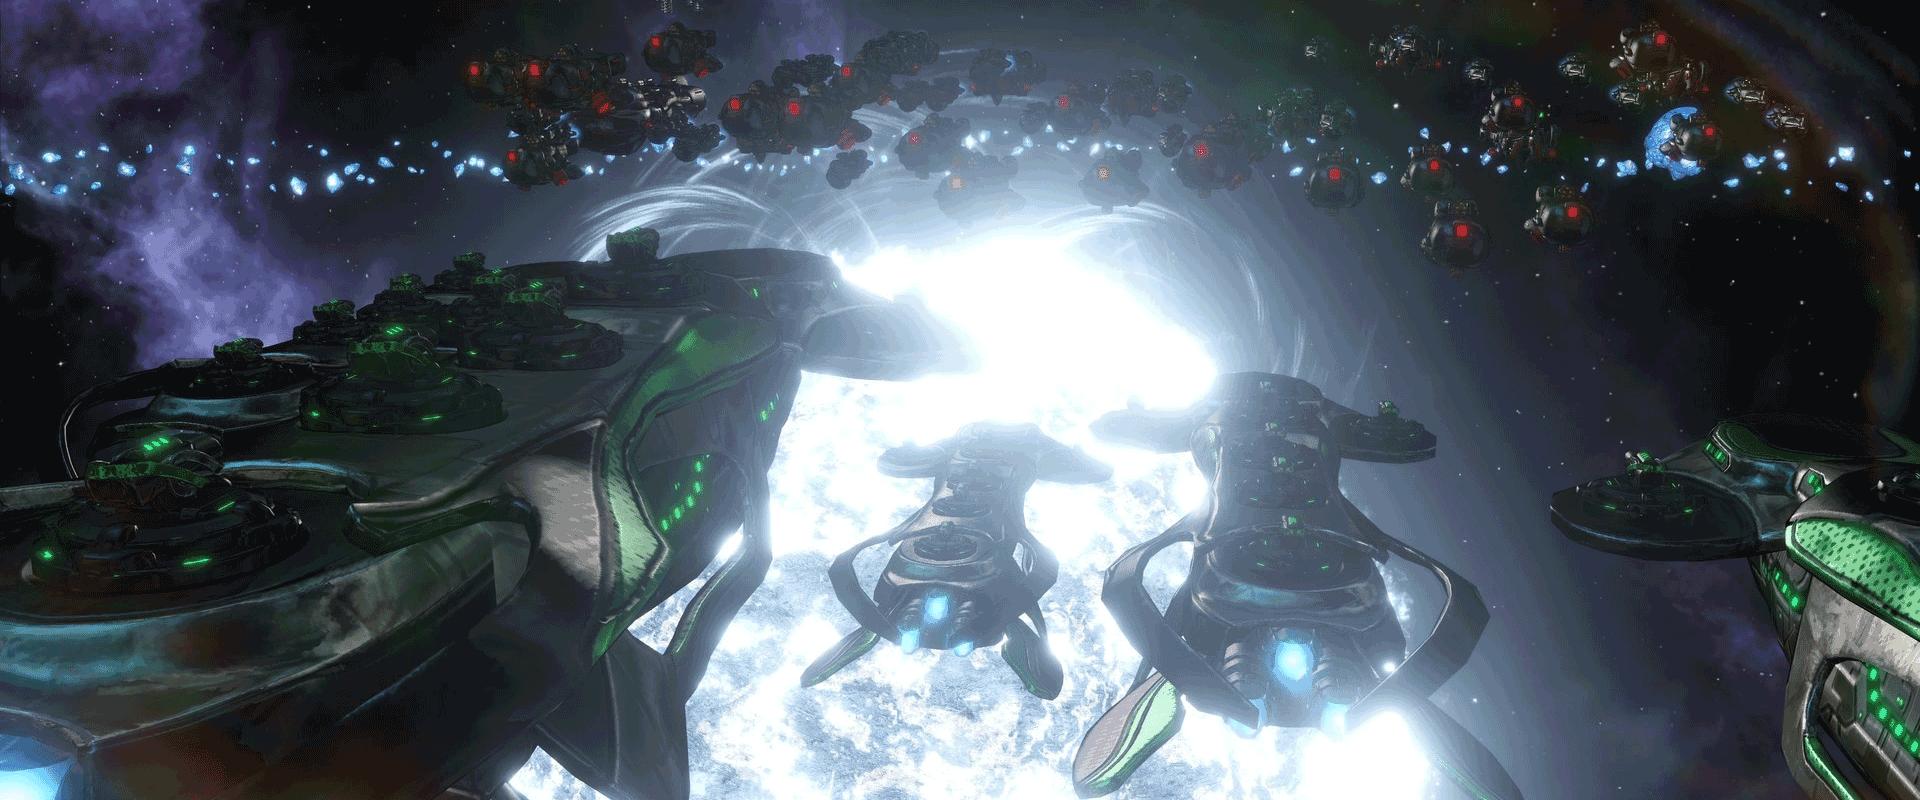 Games Like Stellaris